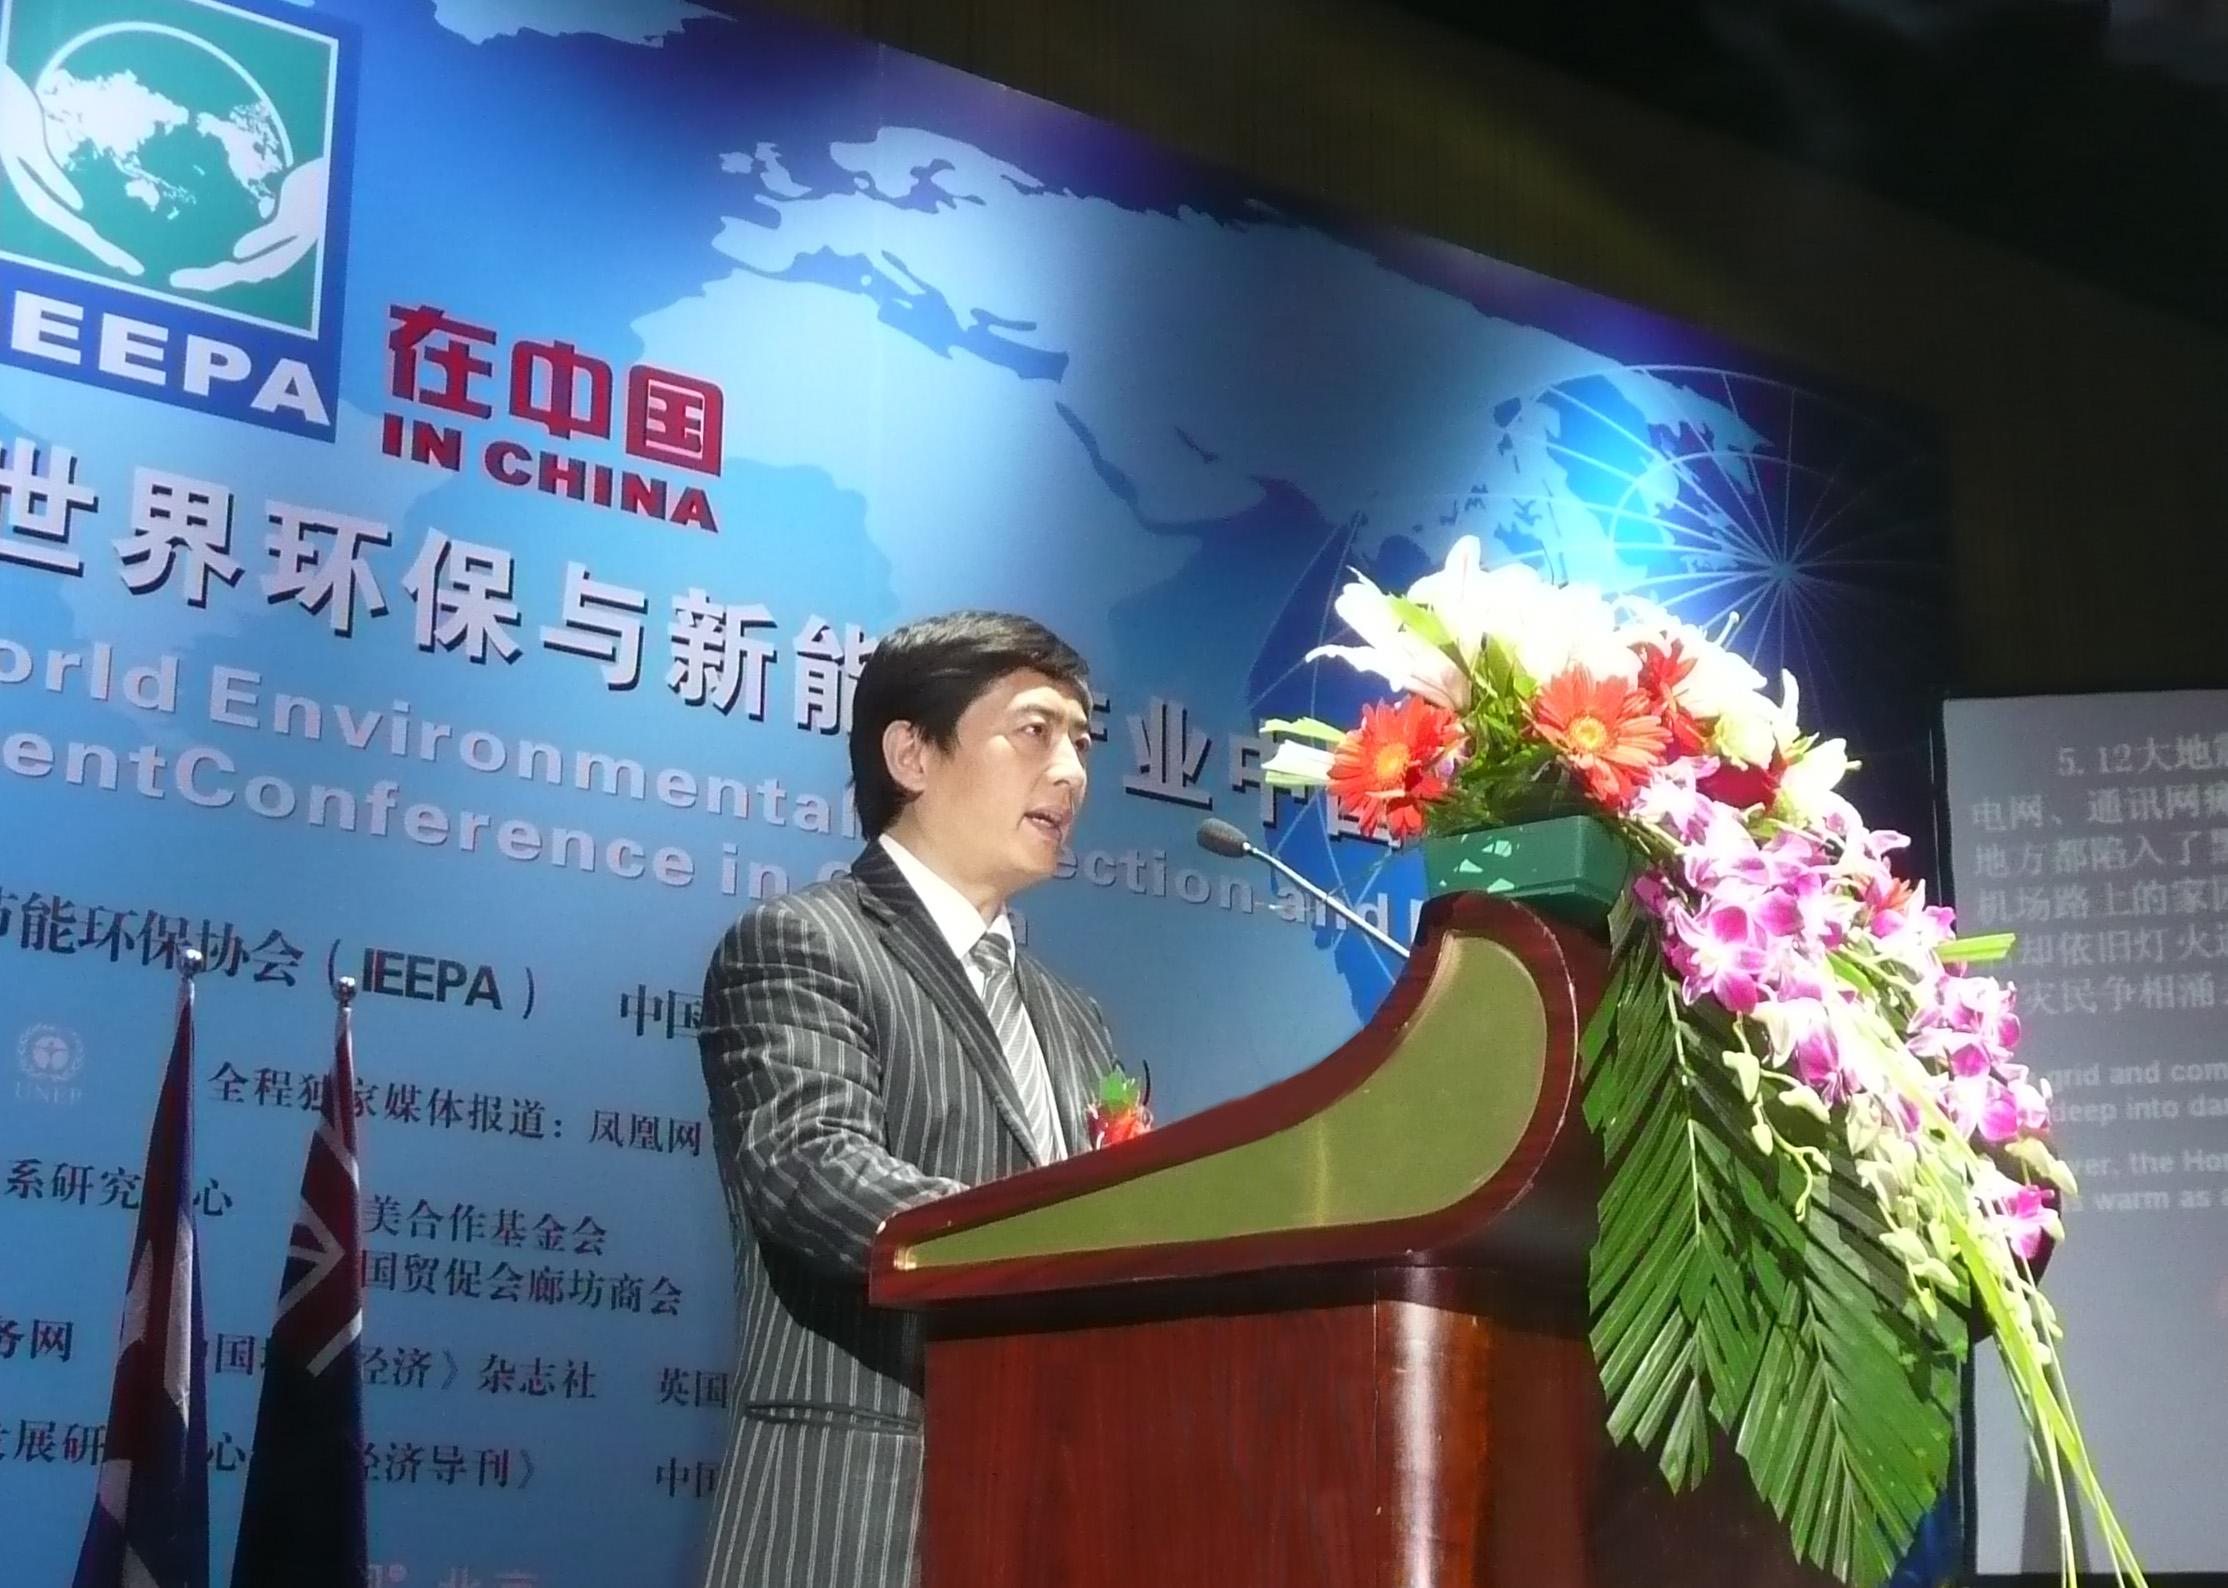 """在""""第二屆世界環保與新能源產業中國發展大會""""上,森蘭變頻、深藍空調雙雙被評為行業領軍企業。陳斌總裁在開幕式上做風采報告。"""